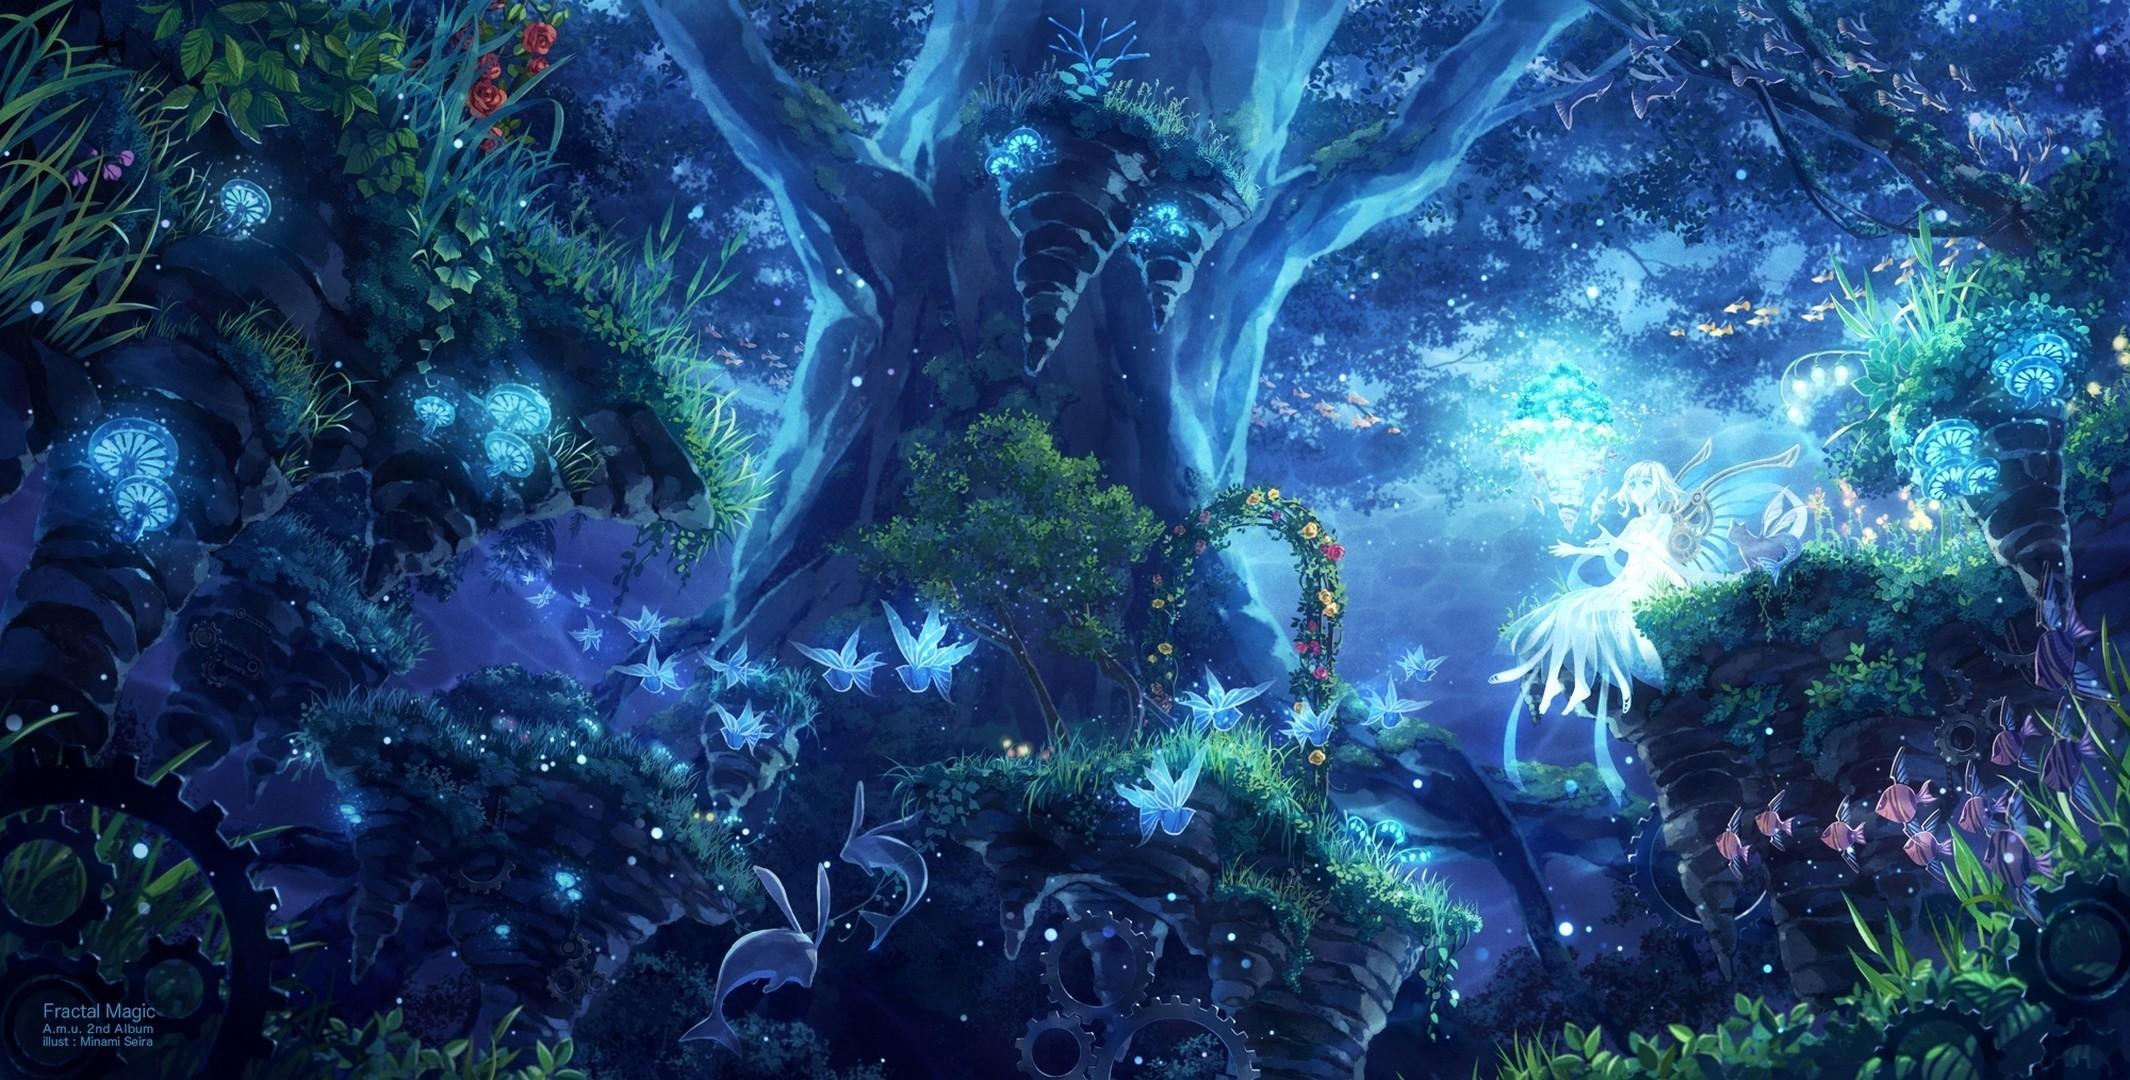 https://hdw.datawallpaper.com/anime/fantasy-forest-